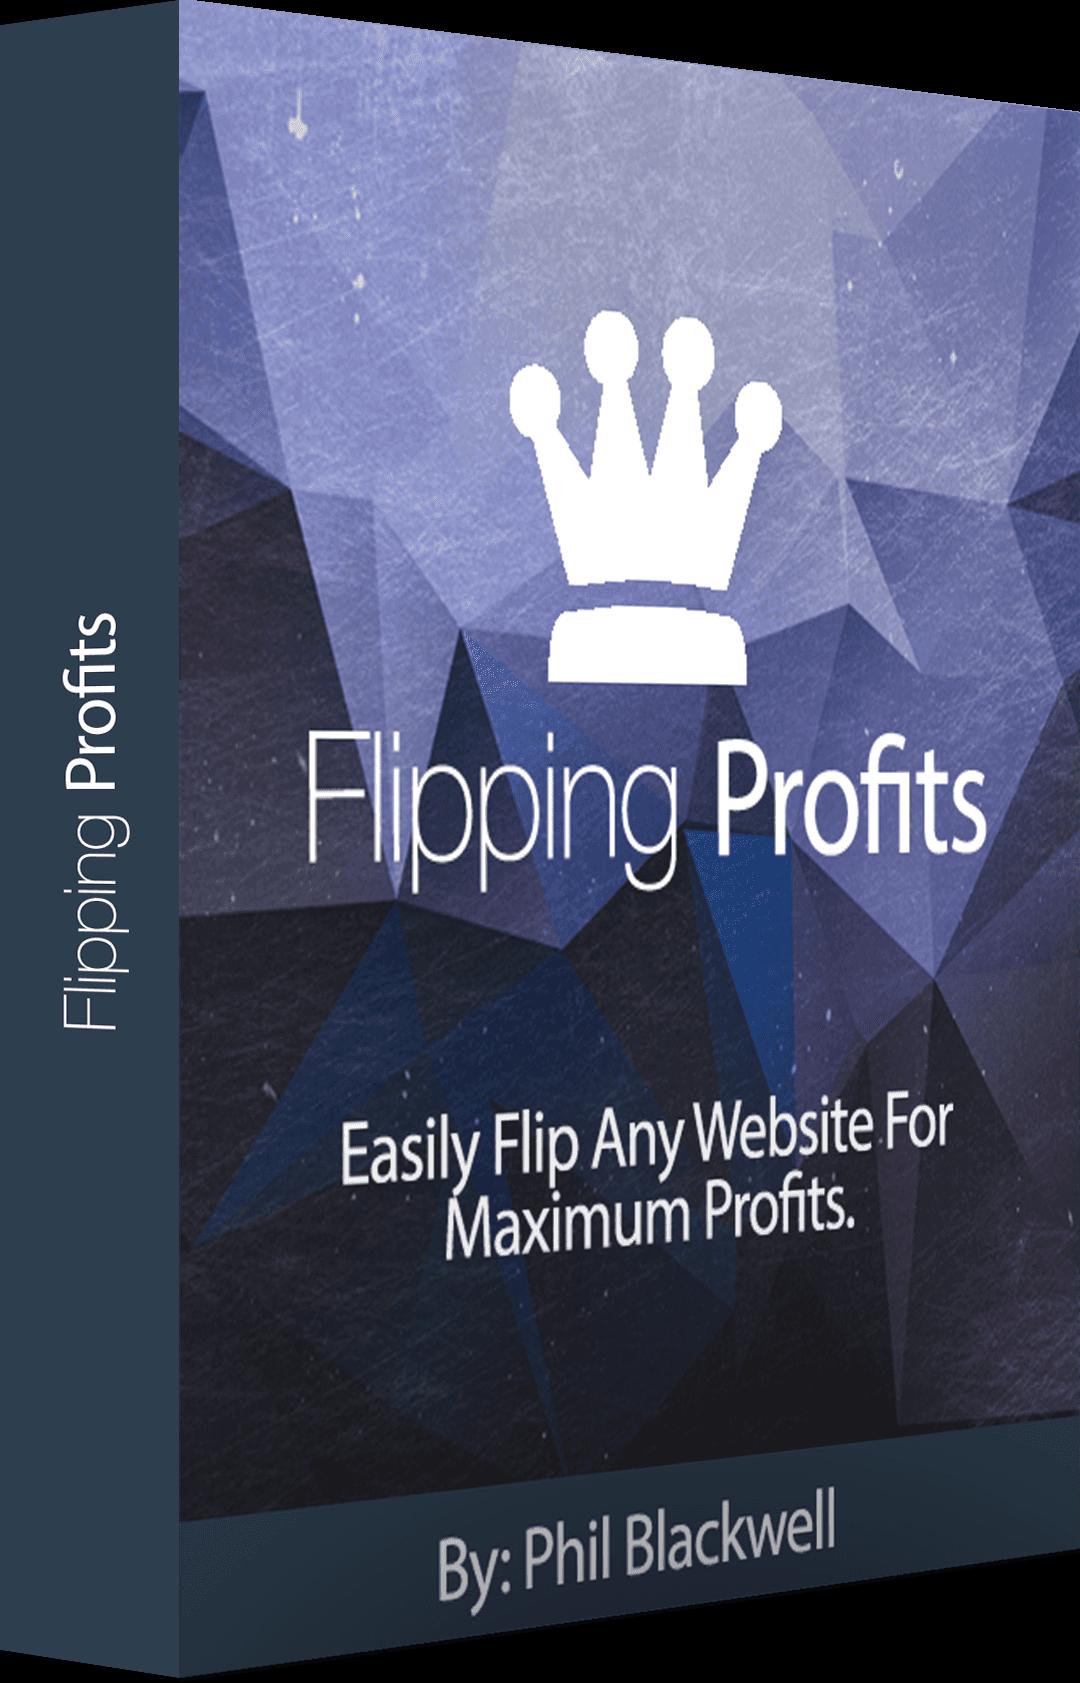 如何轻松的把13美元变成3000美元,而不需要任何技术或营销技巧。(Flipping Profits)